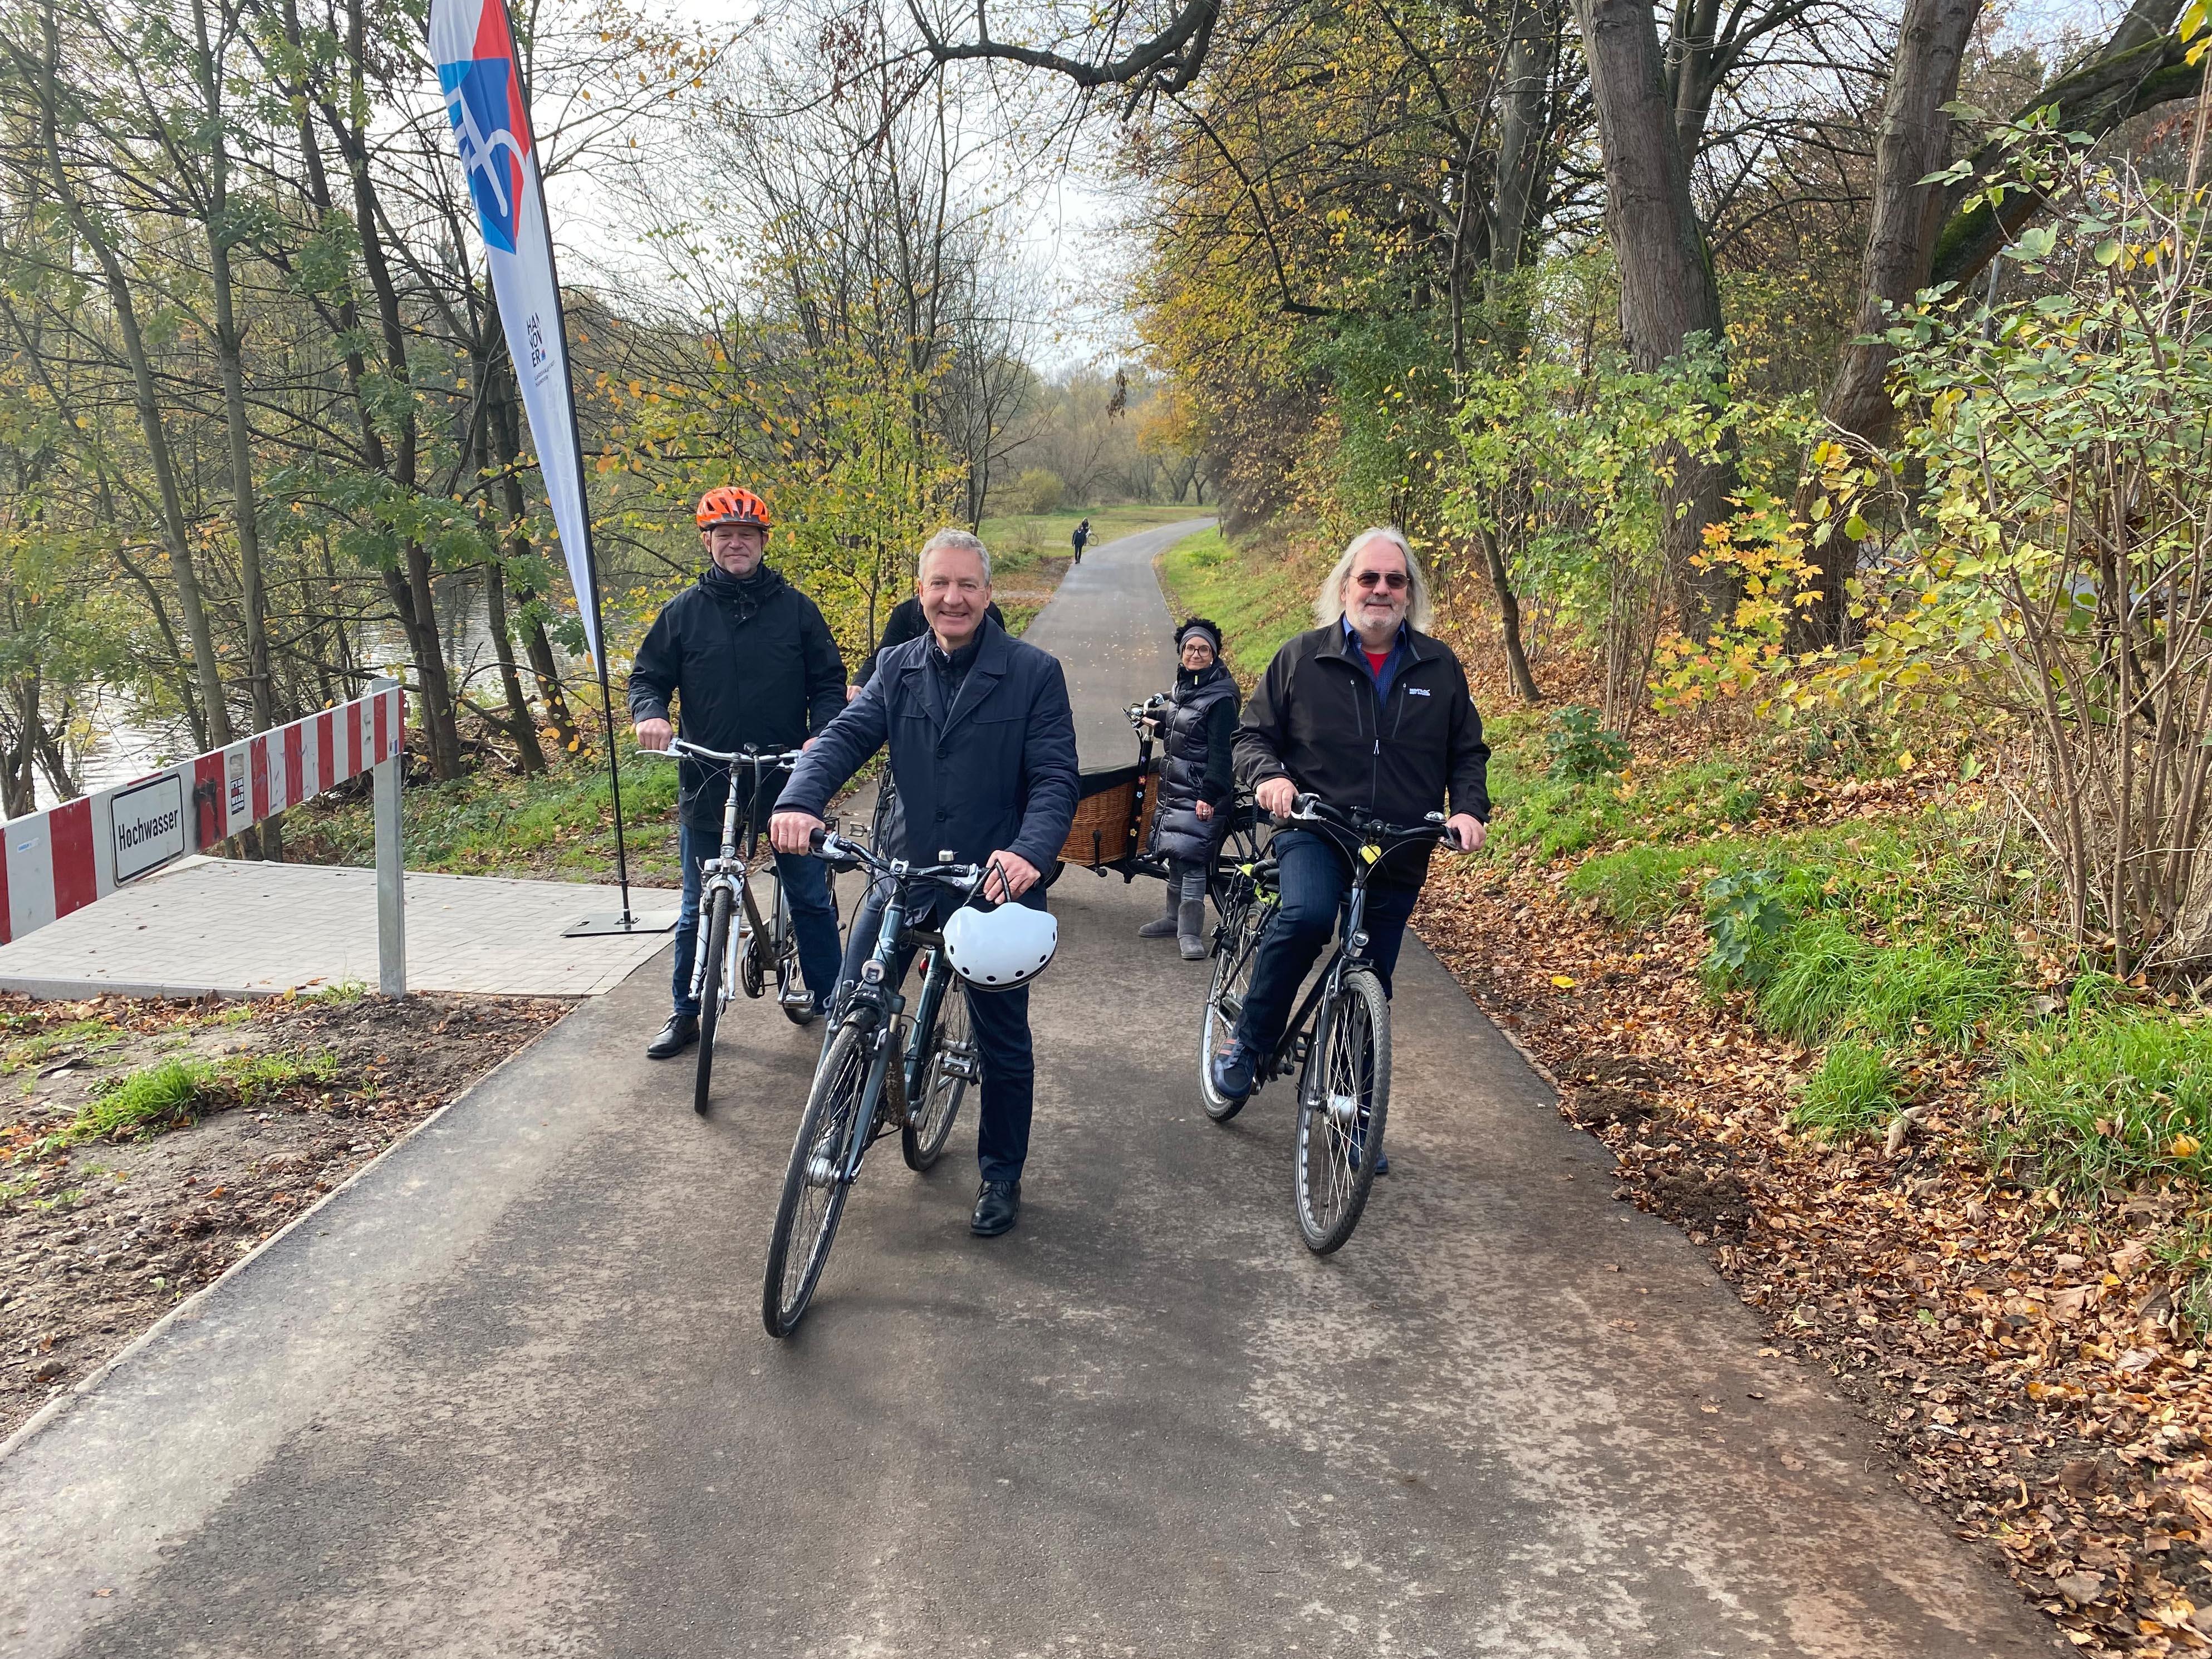 Fünf Personen mit Rädern auf einem Weg.